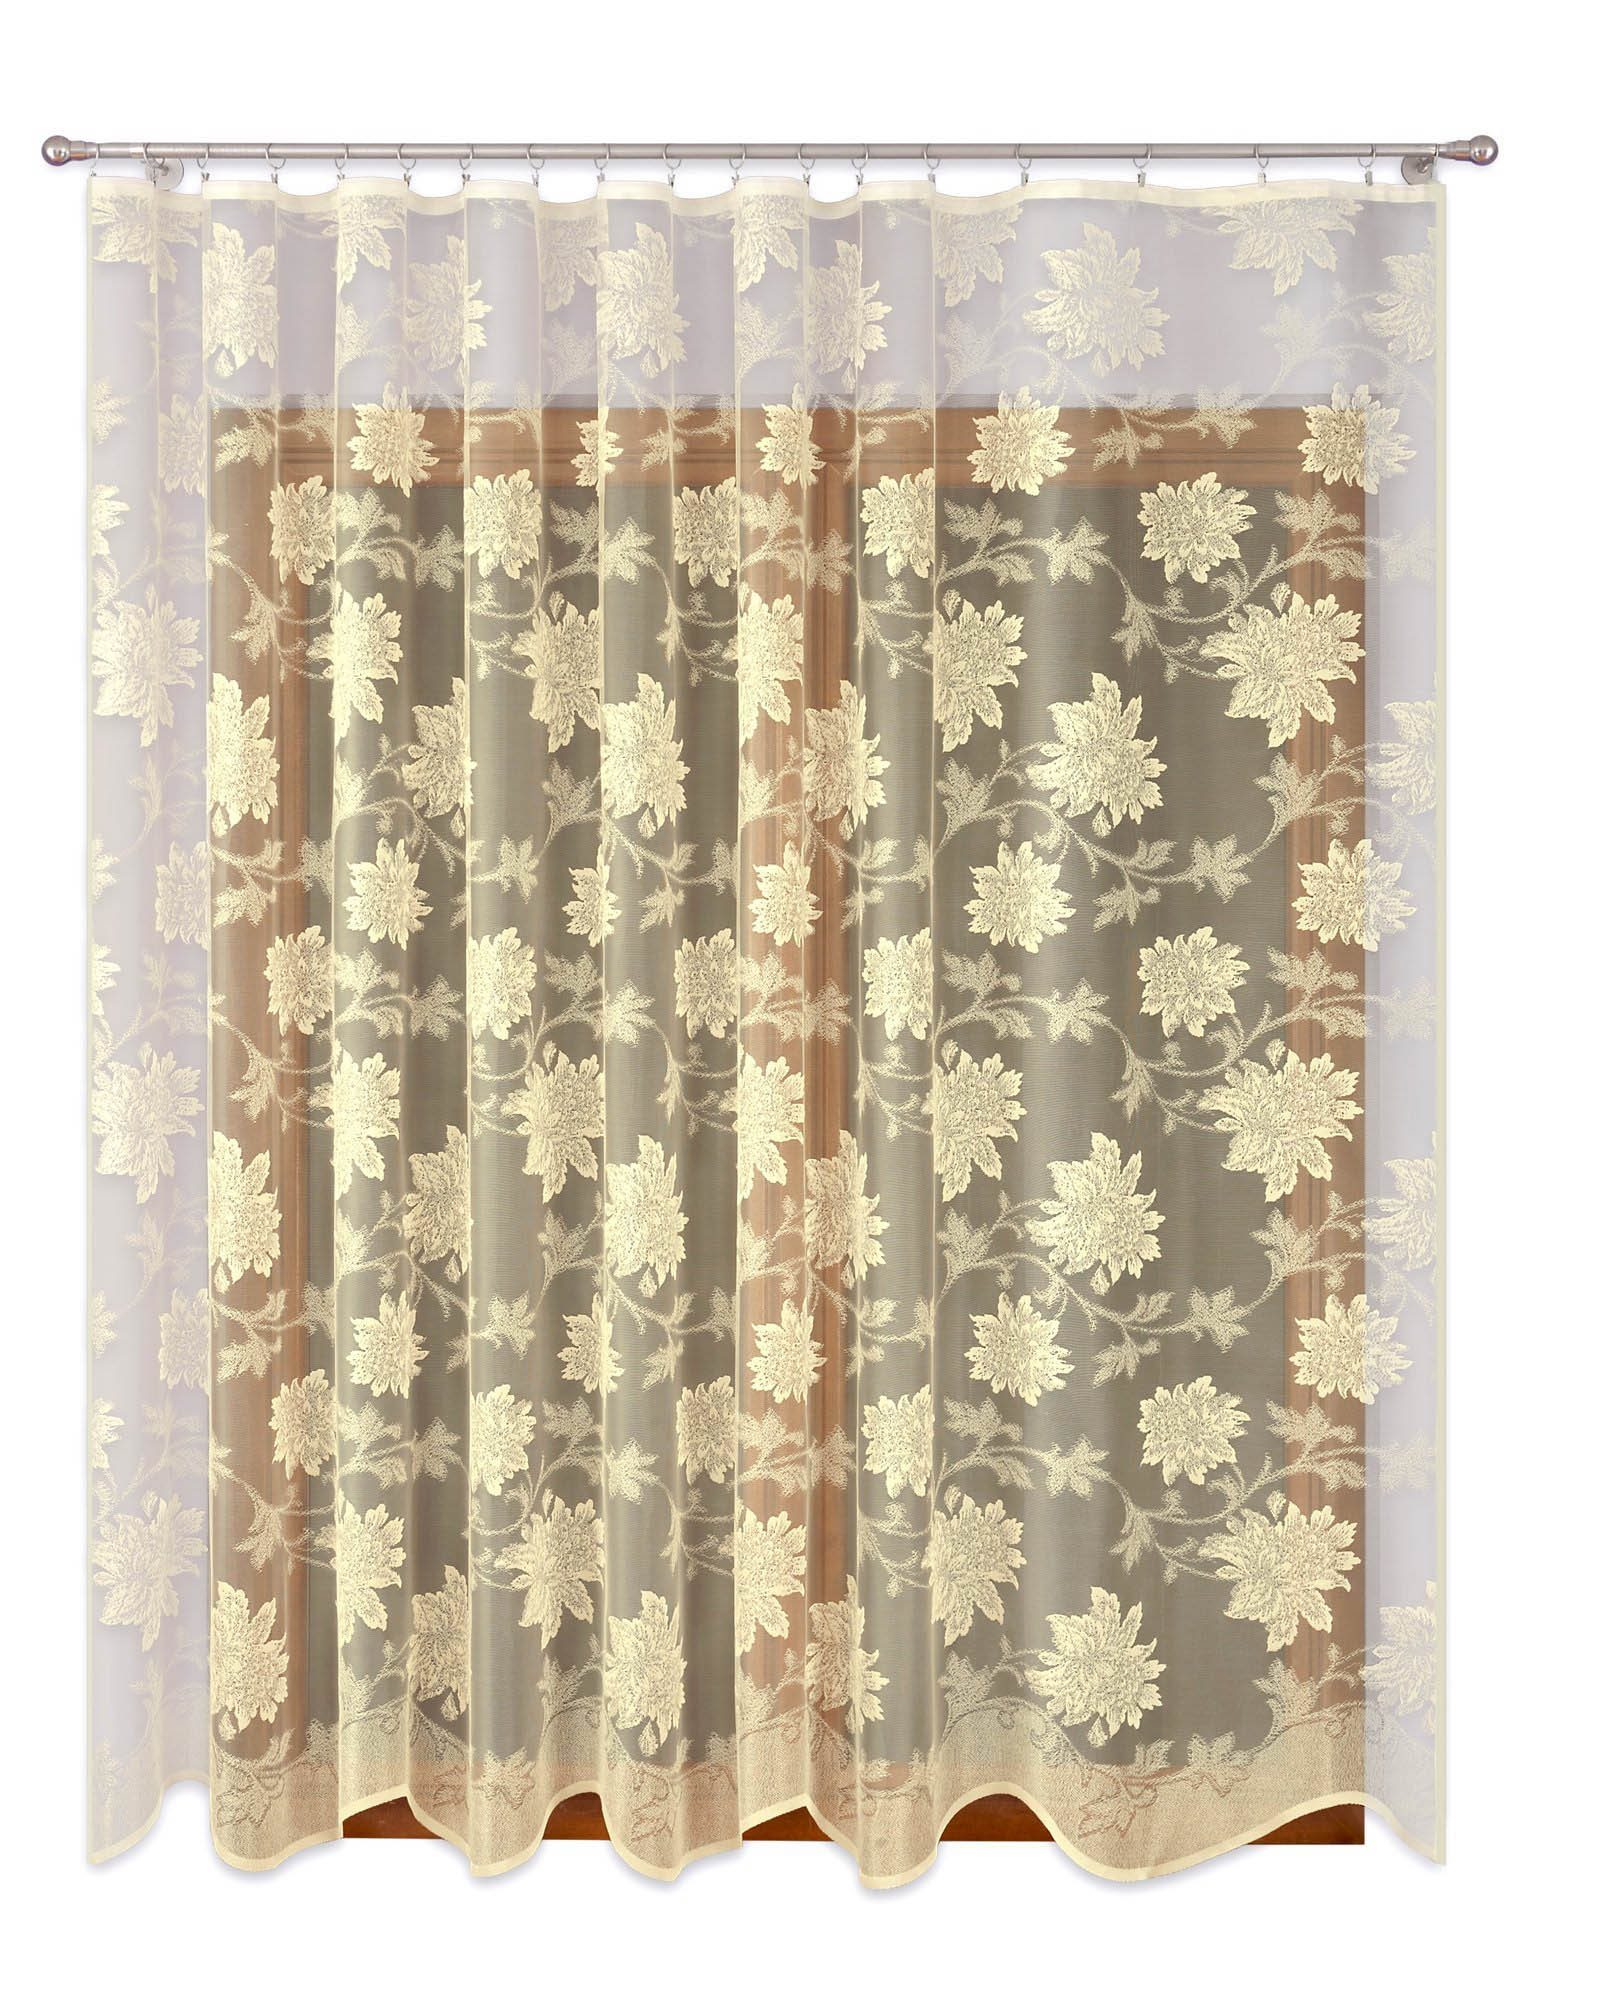 Шторы Primavera Классические шторы Kaylynn Цвет: Бежевый шторы primavera классические шторы maev цвет персиковый